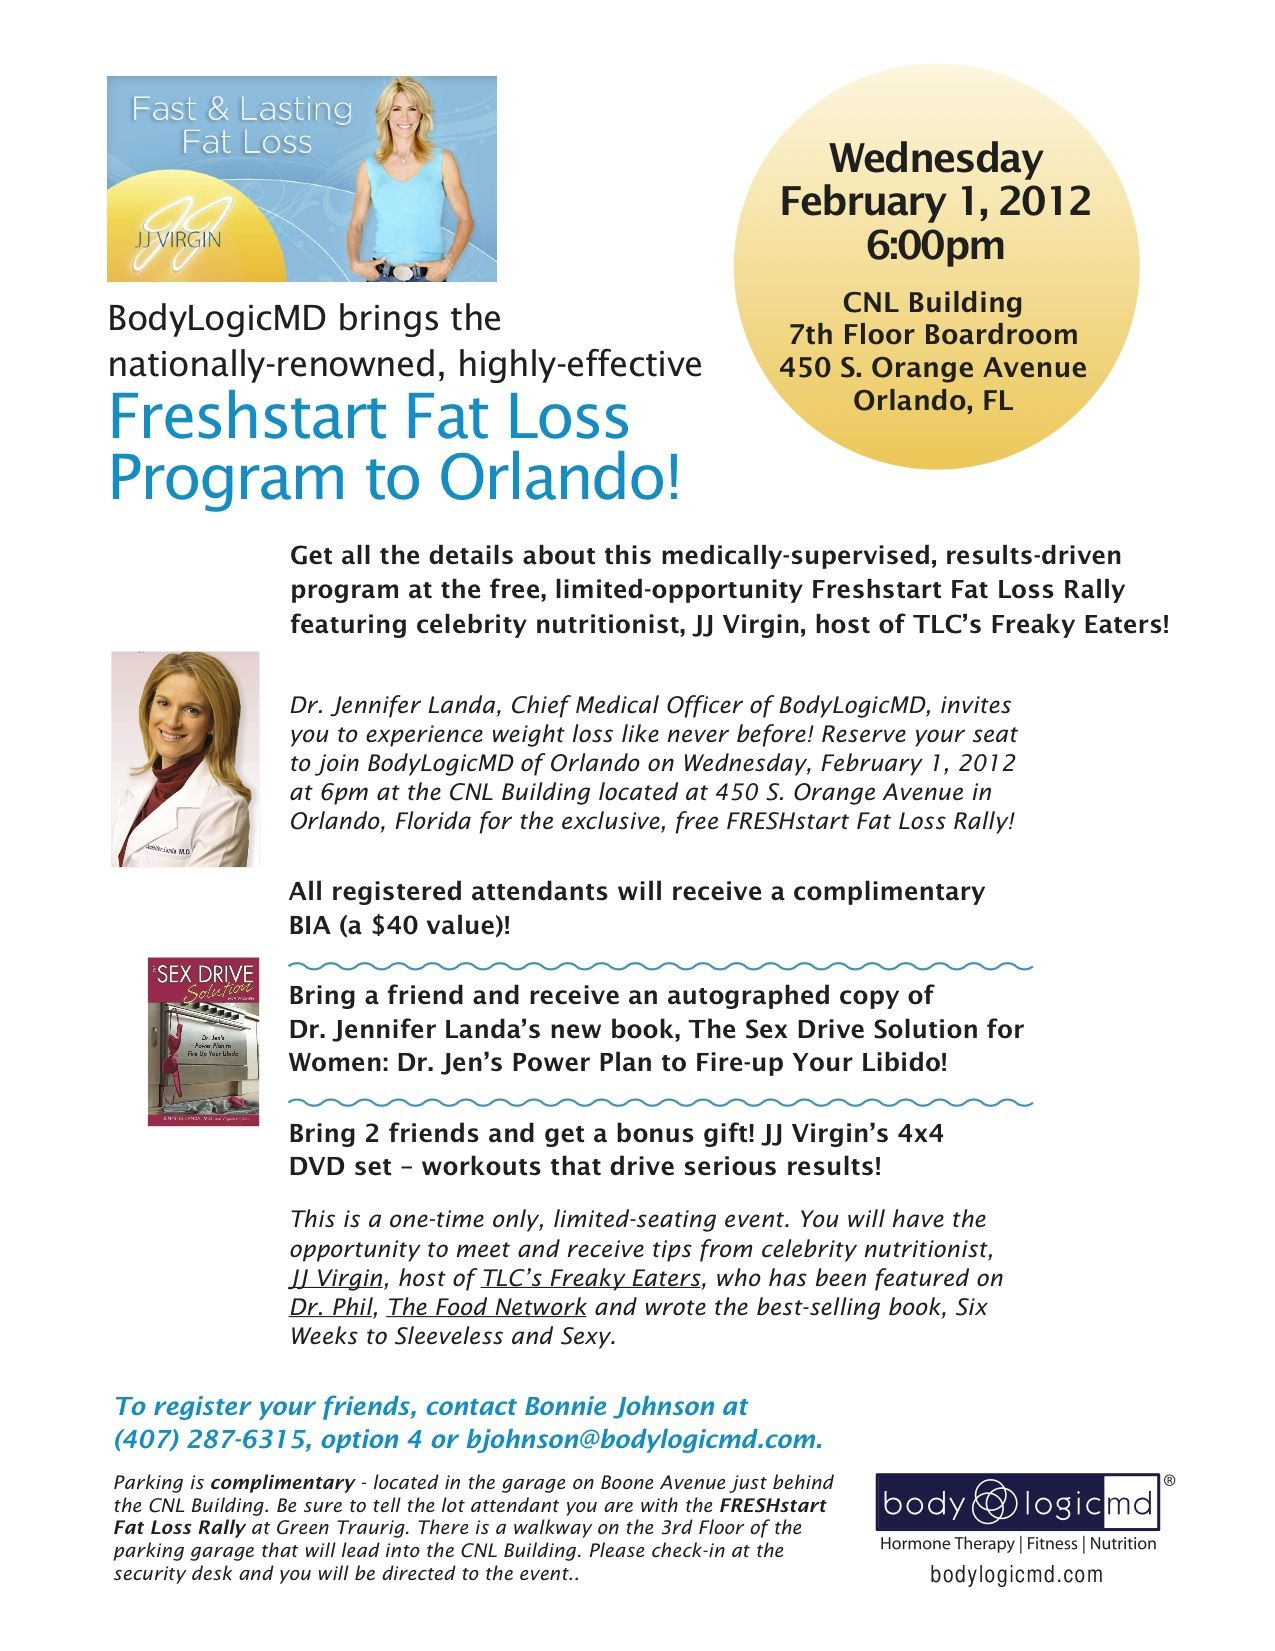 3 weeks lose fat